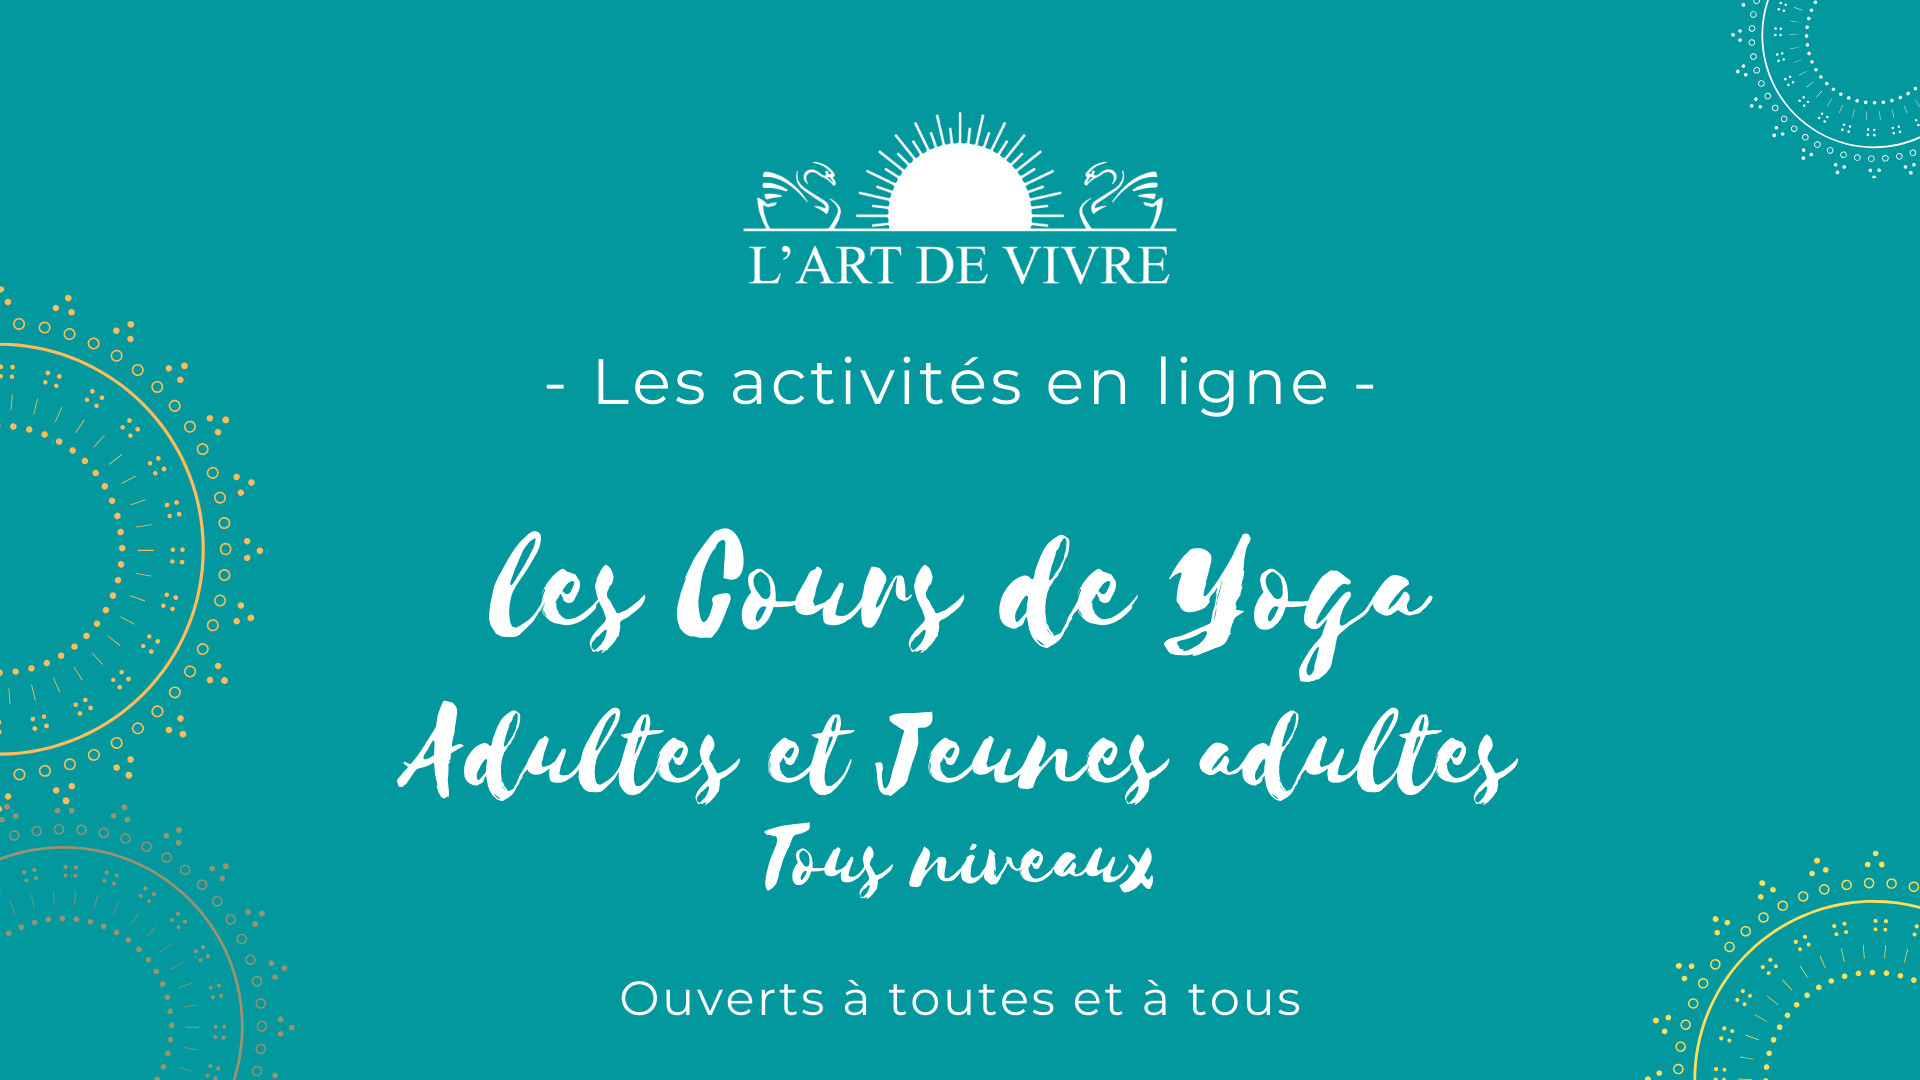 Les cours de Yoga pour adultes et jeunes adultes de l'Art de Vivre FRANCE en ligne